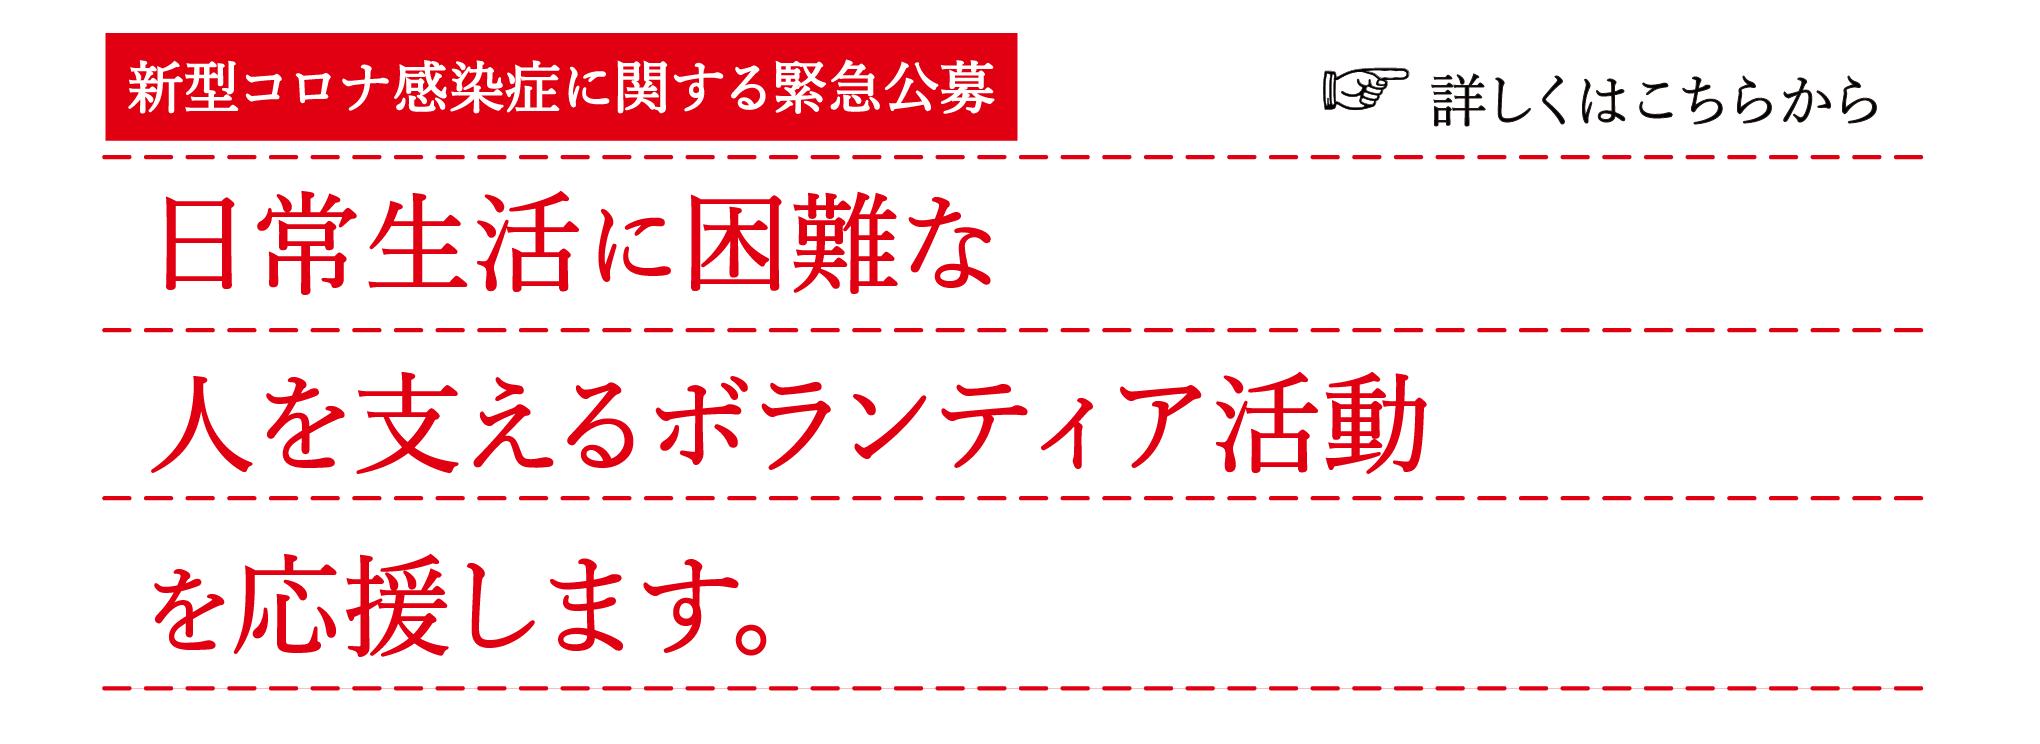 福祉活動応援助成(トップバナー)-01.png